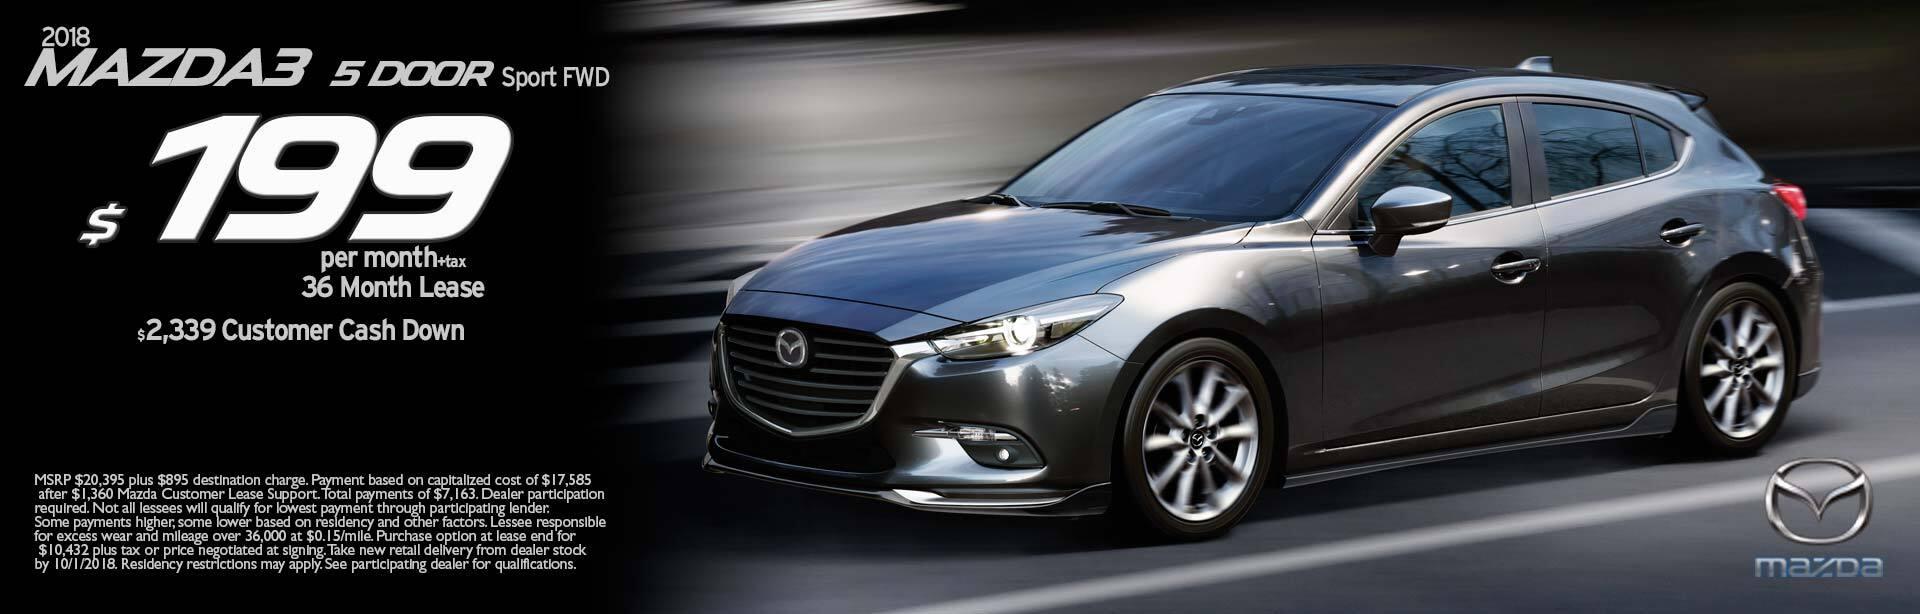 2018 Mazda